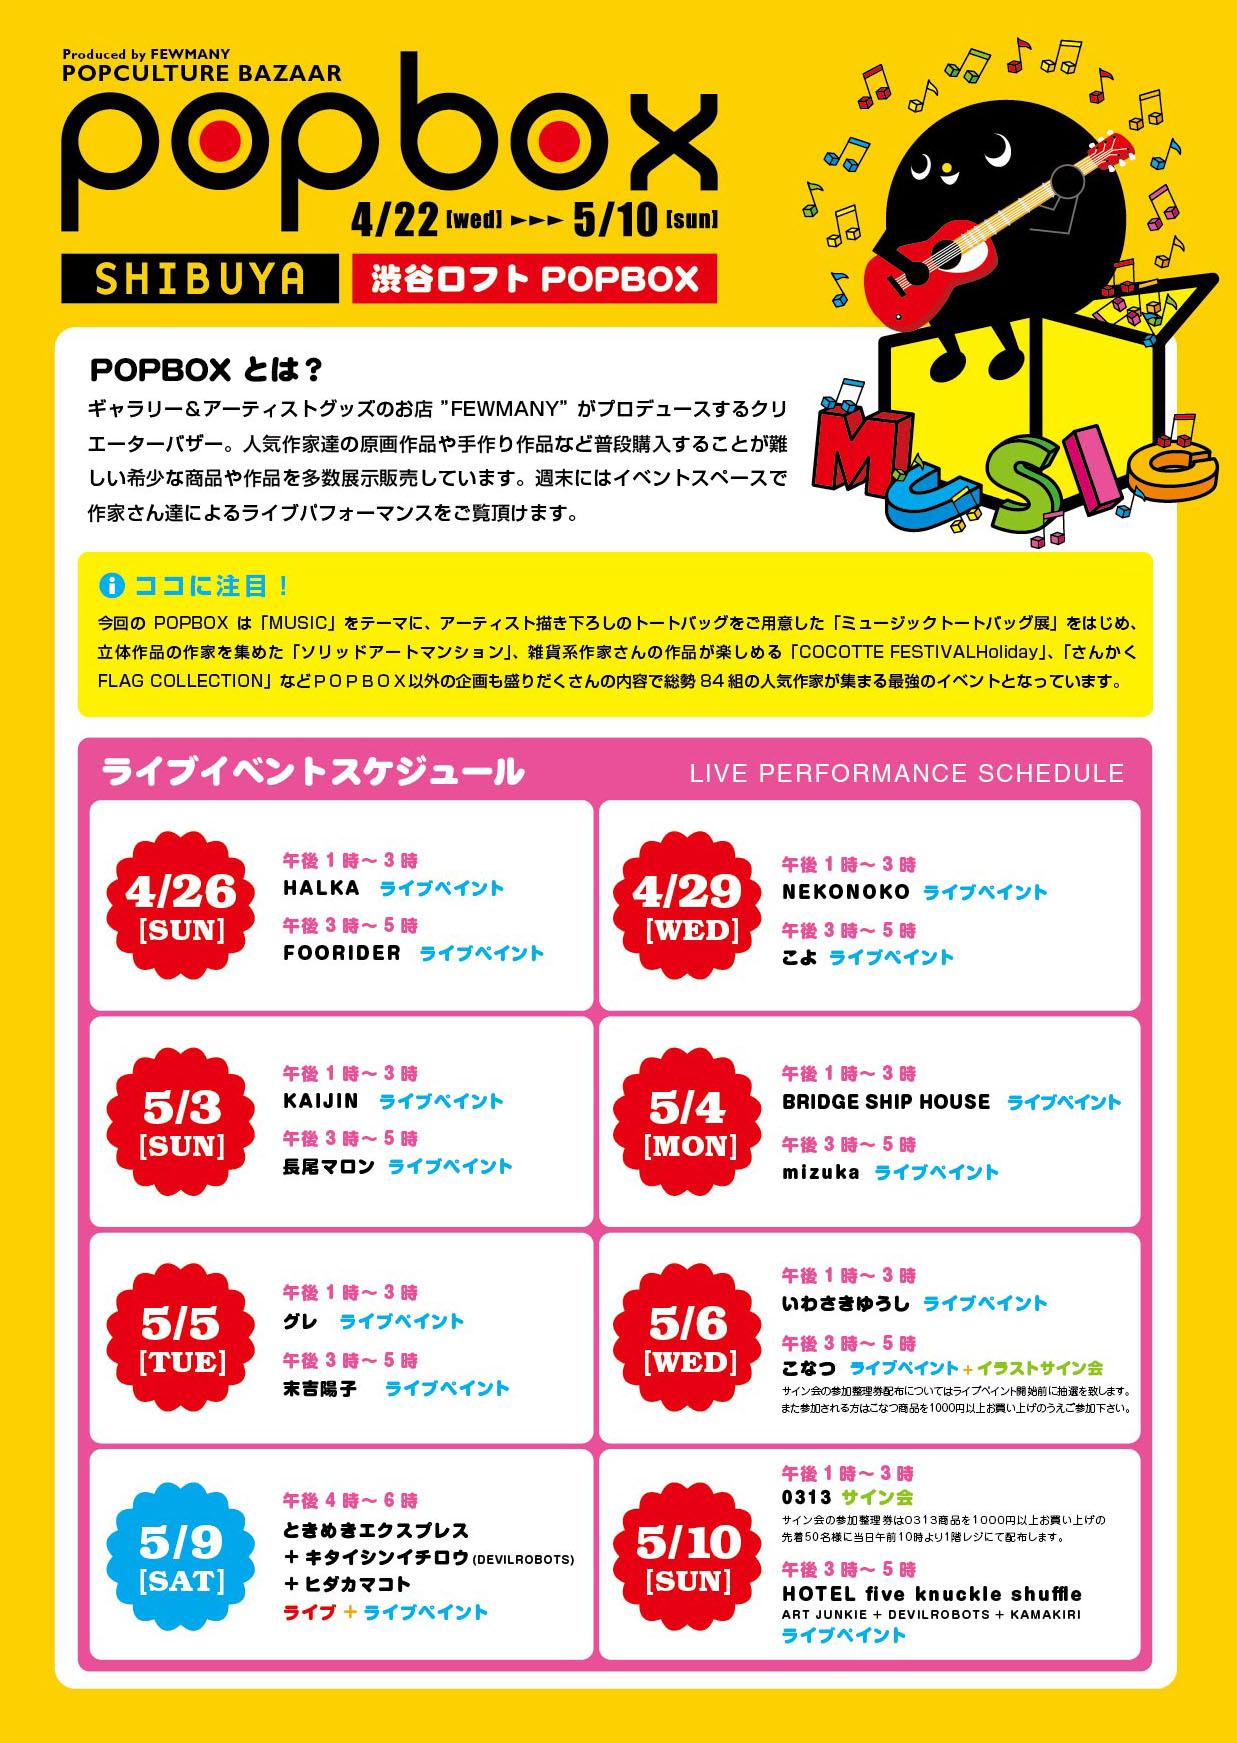 渋谷POPBOX、ココットマーケット開催のお知らせです。_f0010033_1556648.jpg